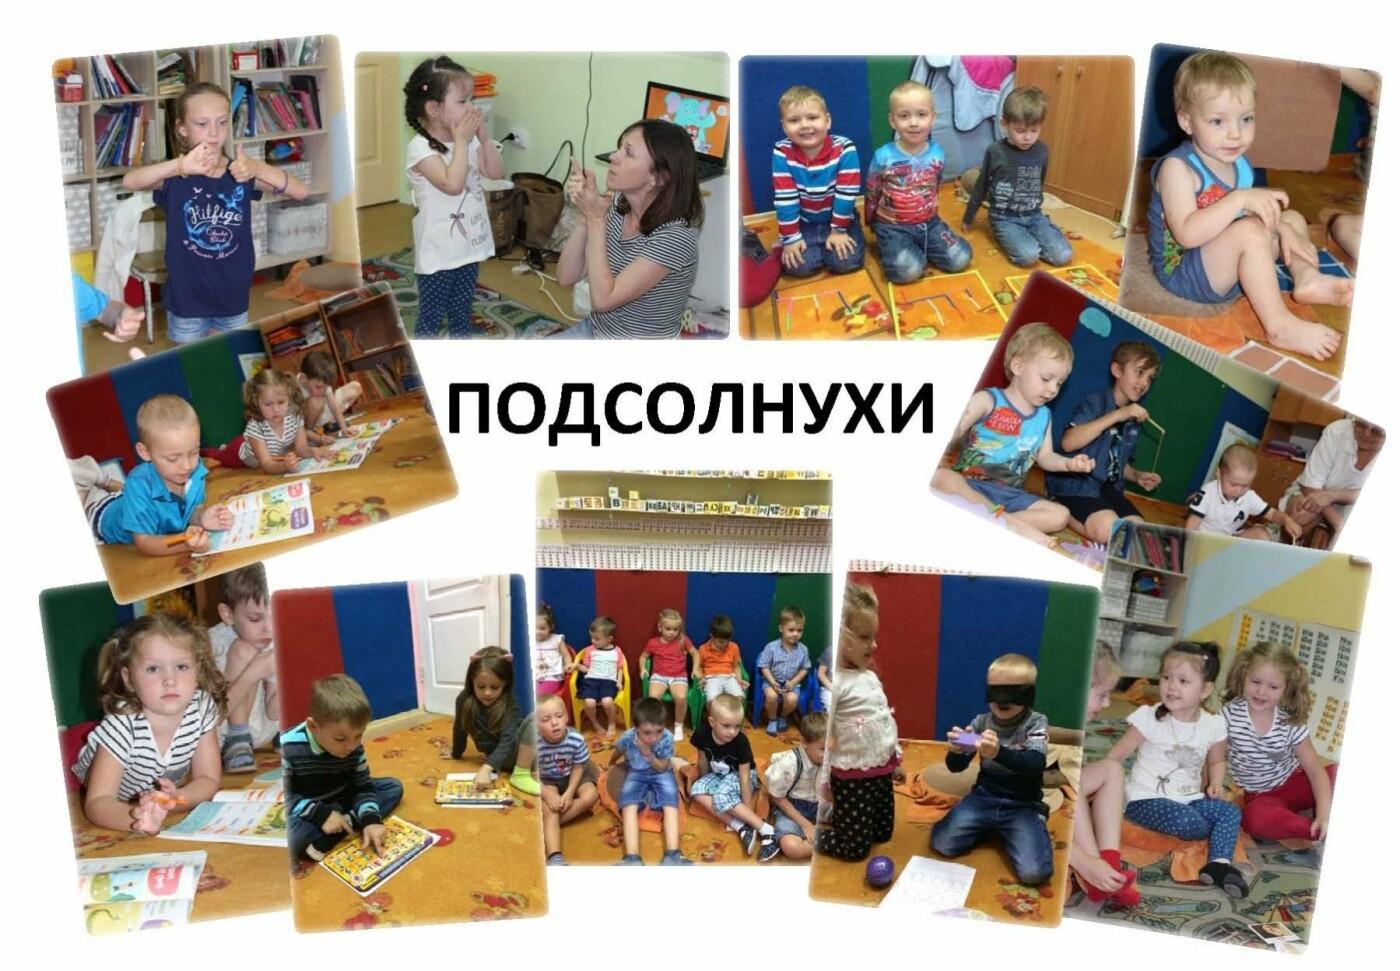 Татьяна Паламарчук, руководитель клуба семейного развития «Подсолнухи» в Ялте: «Личный пример – лучший способ воспитания», фото-3